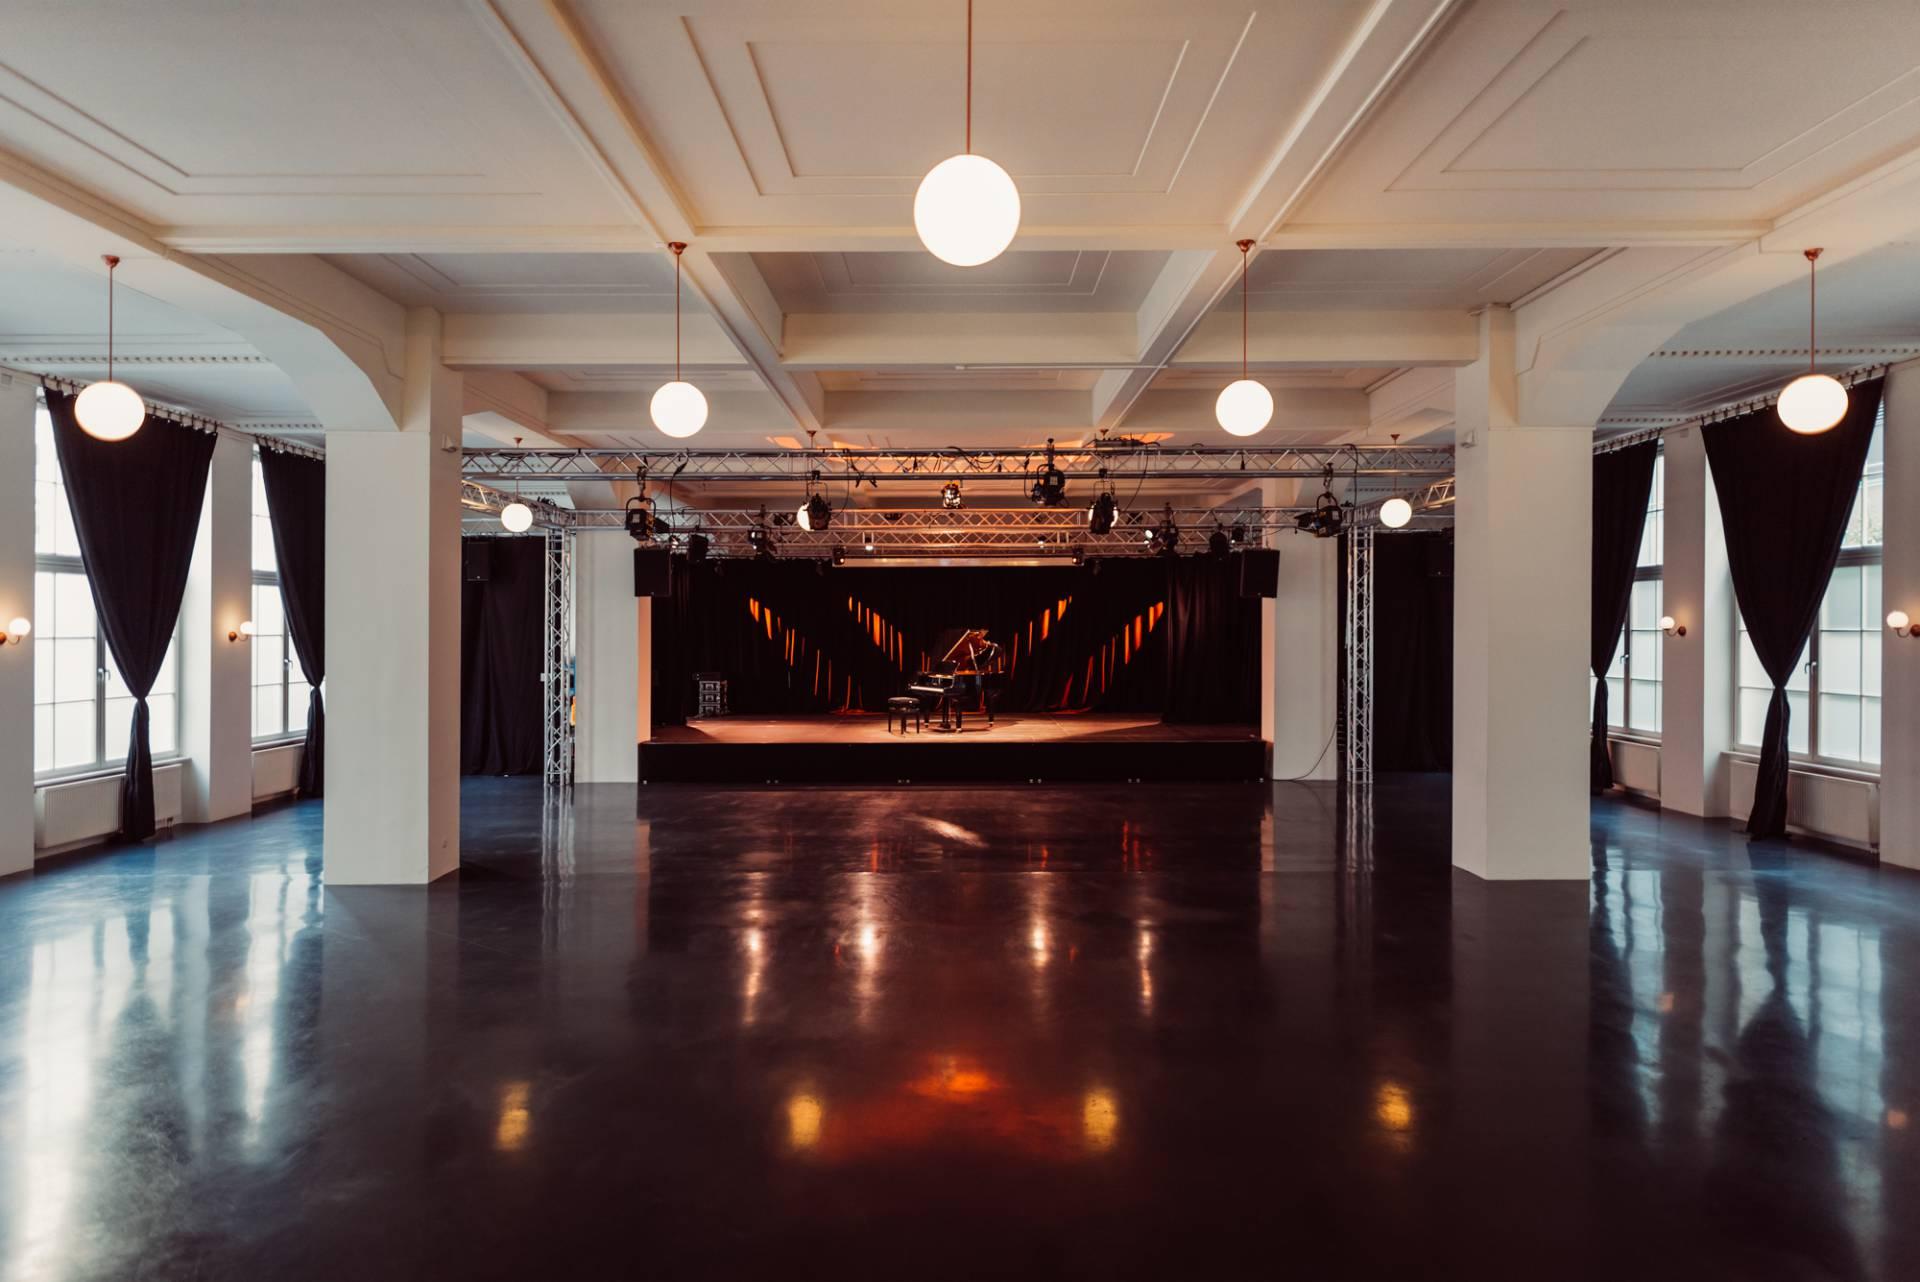 Der große Saal ohne Bestuhlung